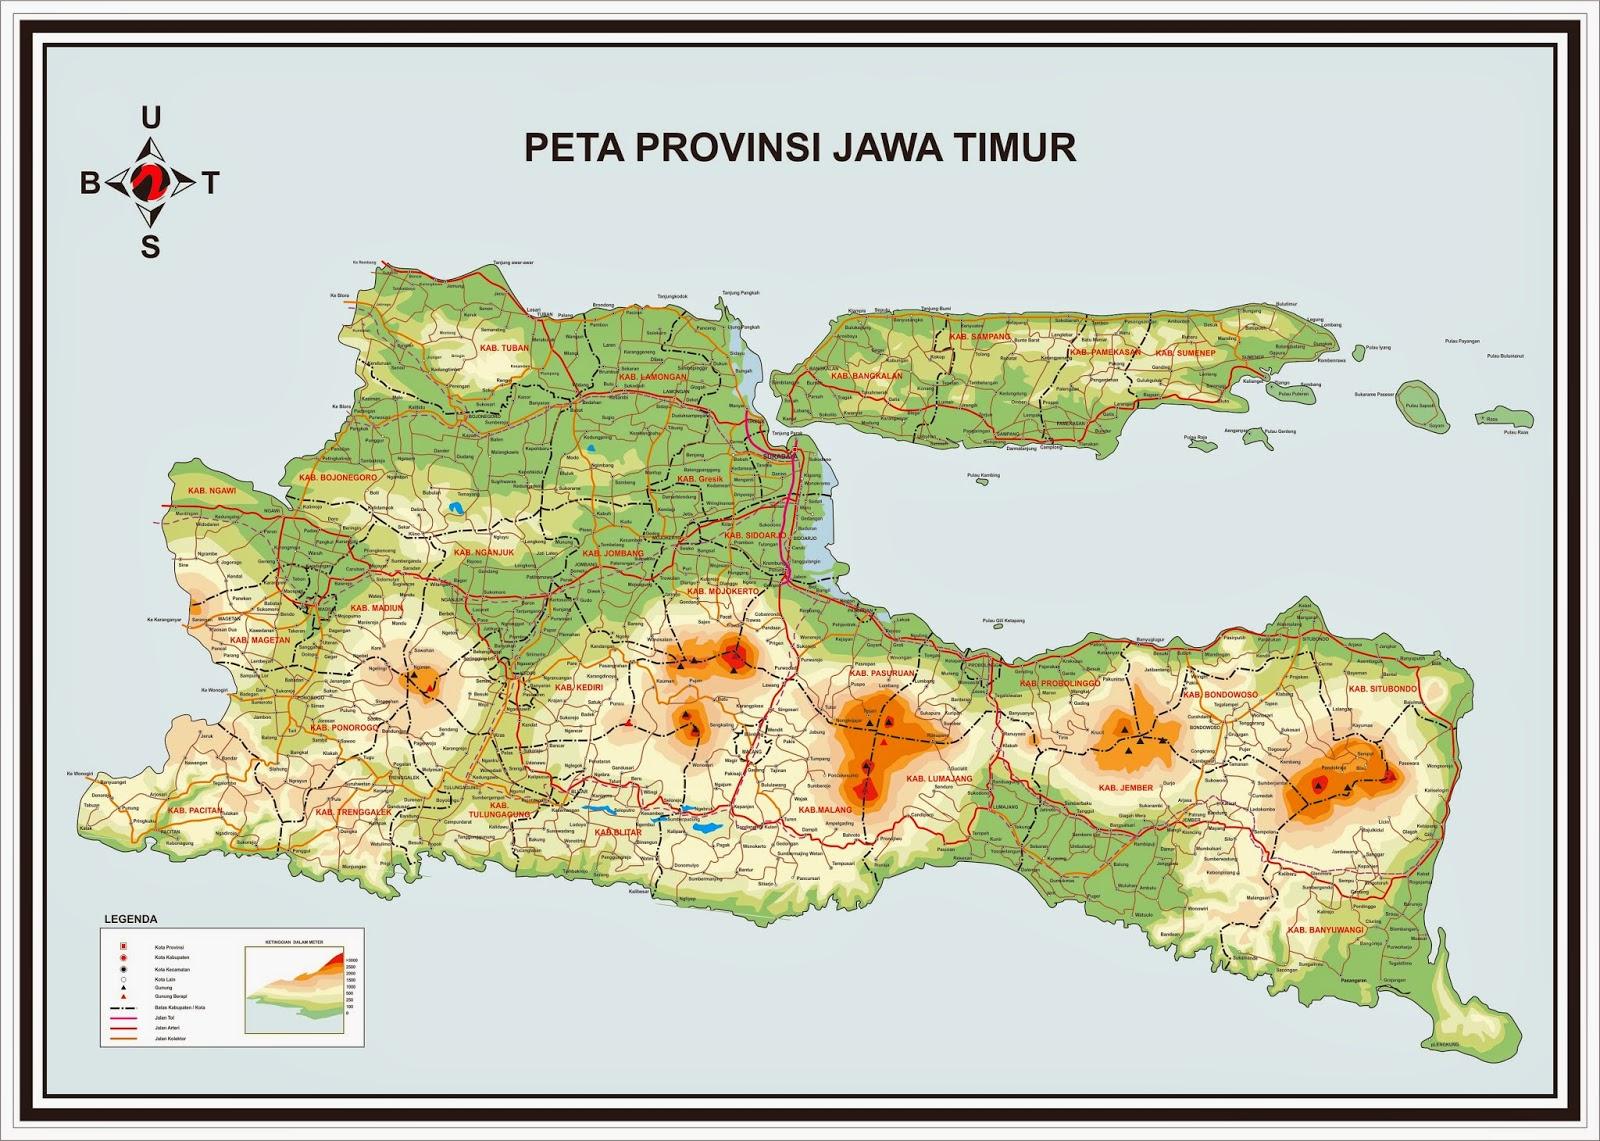 Ridwan Blog Peta Jawa Timur Format Coreldraw Wwwgambar